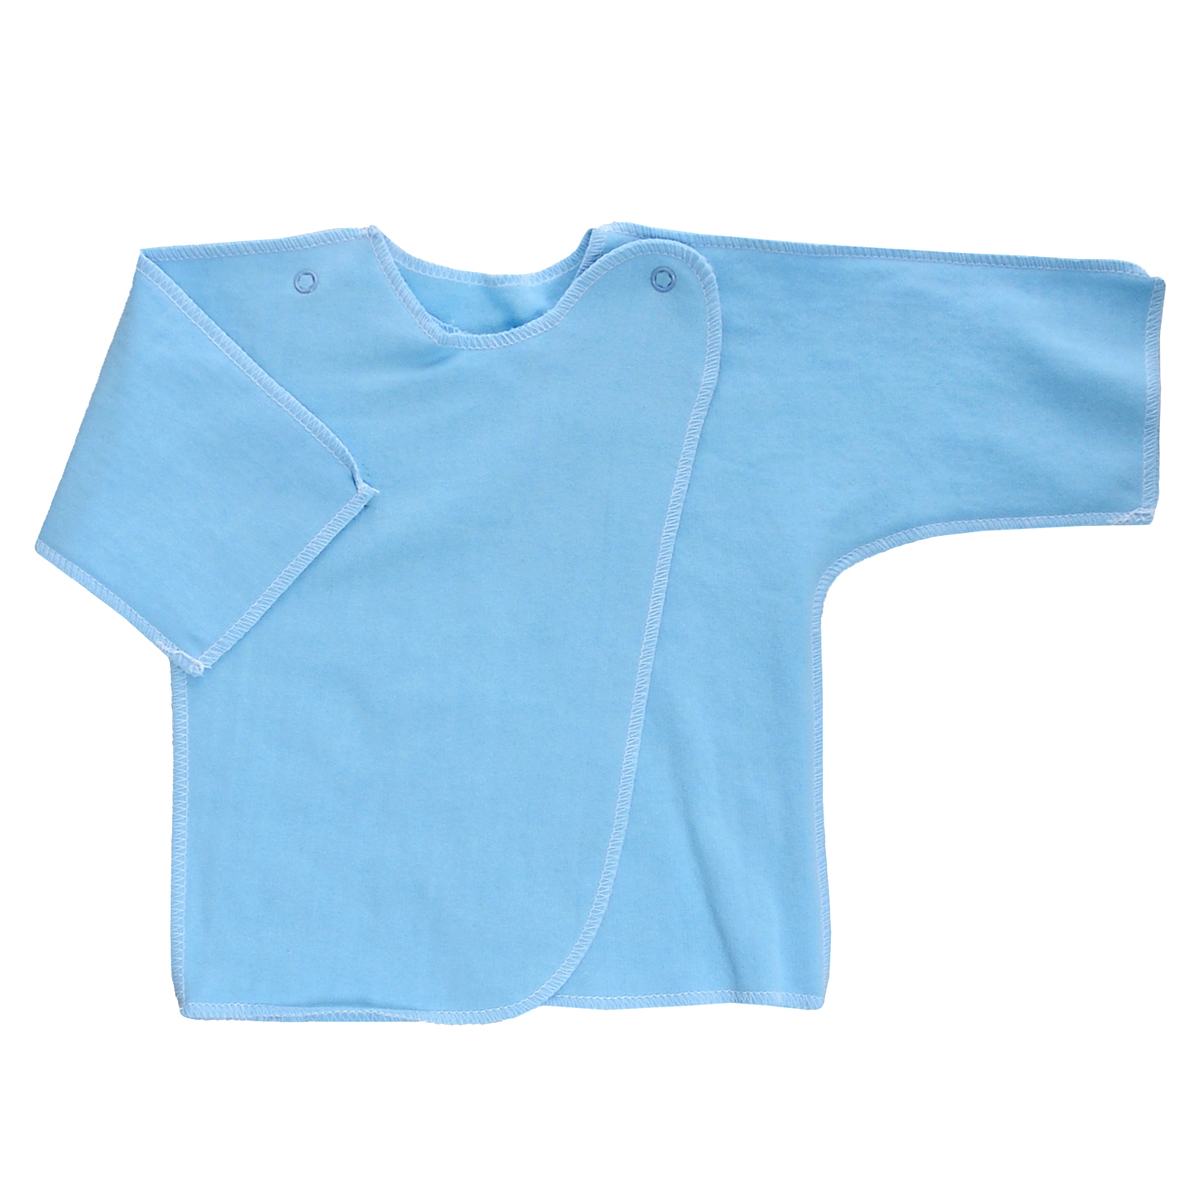 Распашонка Трон-Плюс, цвет: голубой. 5022. Размер 56, 1 месяц5022Распашонка Трон-плюс послужит идеальным дополнением к гардеробу младенца. Распашонка с рукавами-кимоно, выполненная швами наружу, изготовлена из футера - натурального хлопка, благодаря чему она необычайно мягкая и легкая, не раздражает нежную кожу ребенка и хорошо вентилируется, а эластичные швы приятны телу малыша и не препятствуют его движениям. Распашонка с запахом, застегивается при помощи двух кнопок на плечах, которые позволяют без труда переодеть ребенка. Распашонка полностью соответствует особенностям жизни ребенка в ранний период, не стесняя и не ограничивая его в движениях.